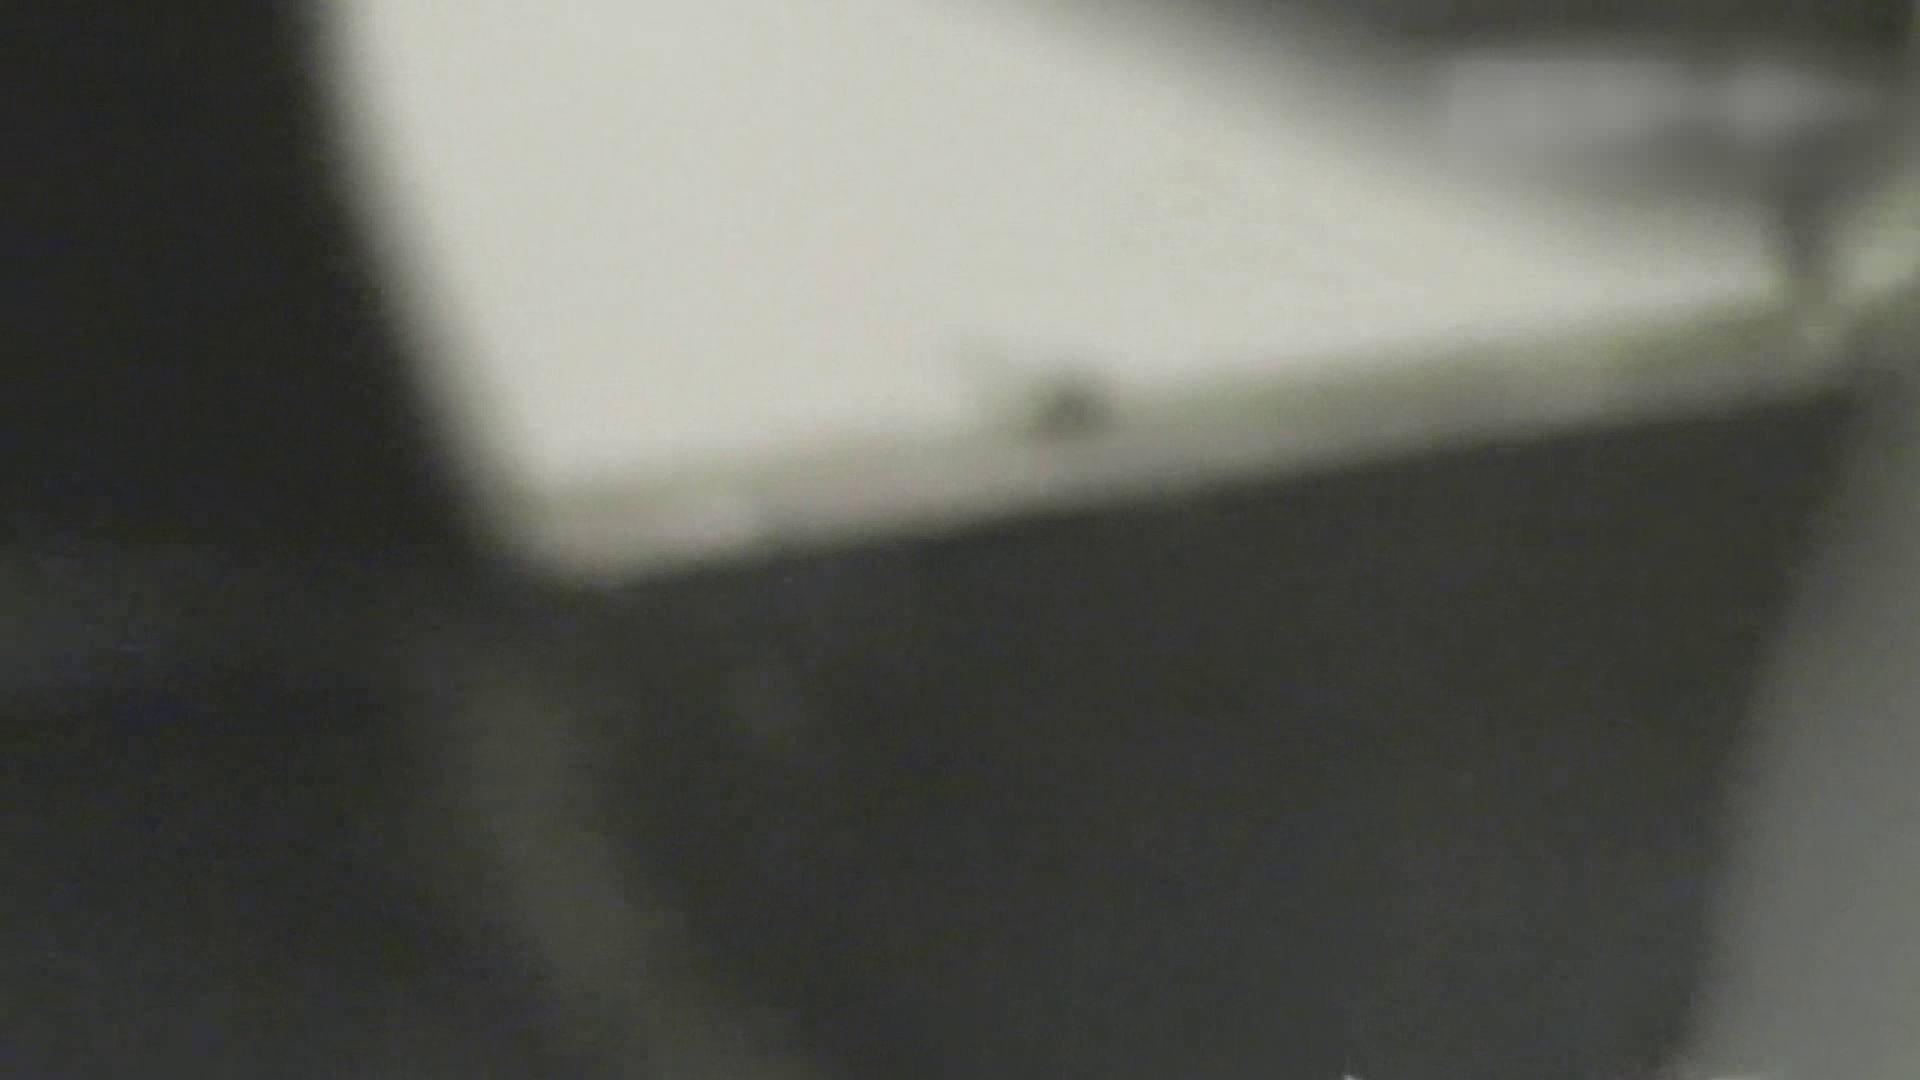 ロックハンドさんの盗撮記録File.15 オマンコ 盗み撮り動画キャプチャ 91連発 77